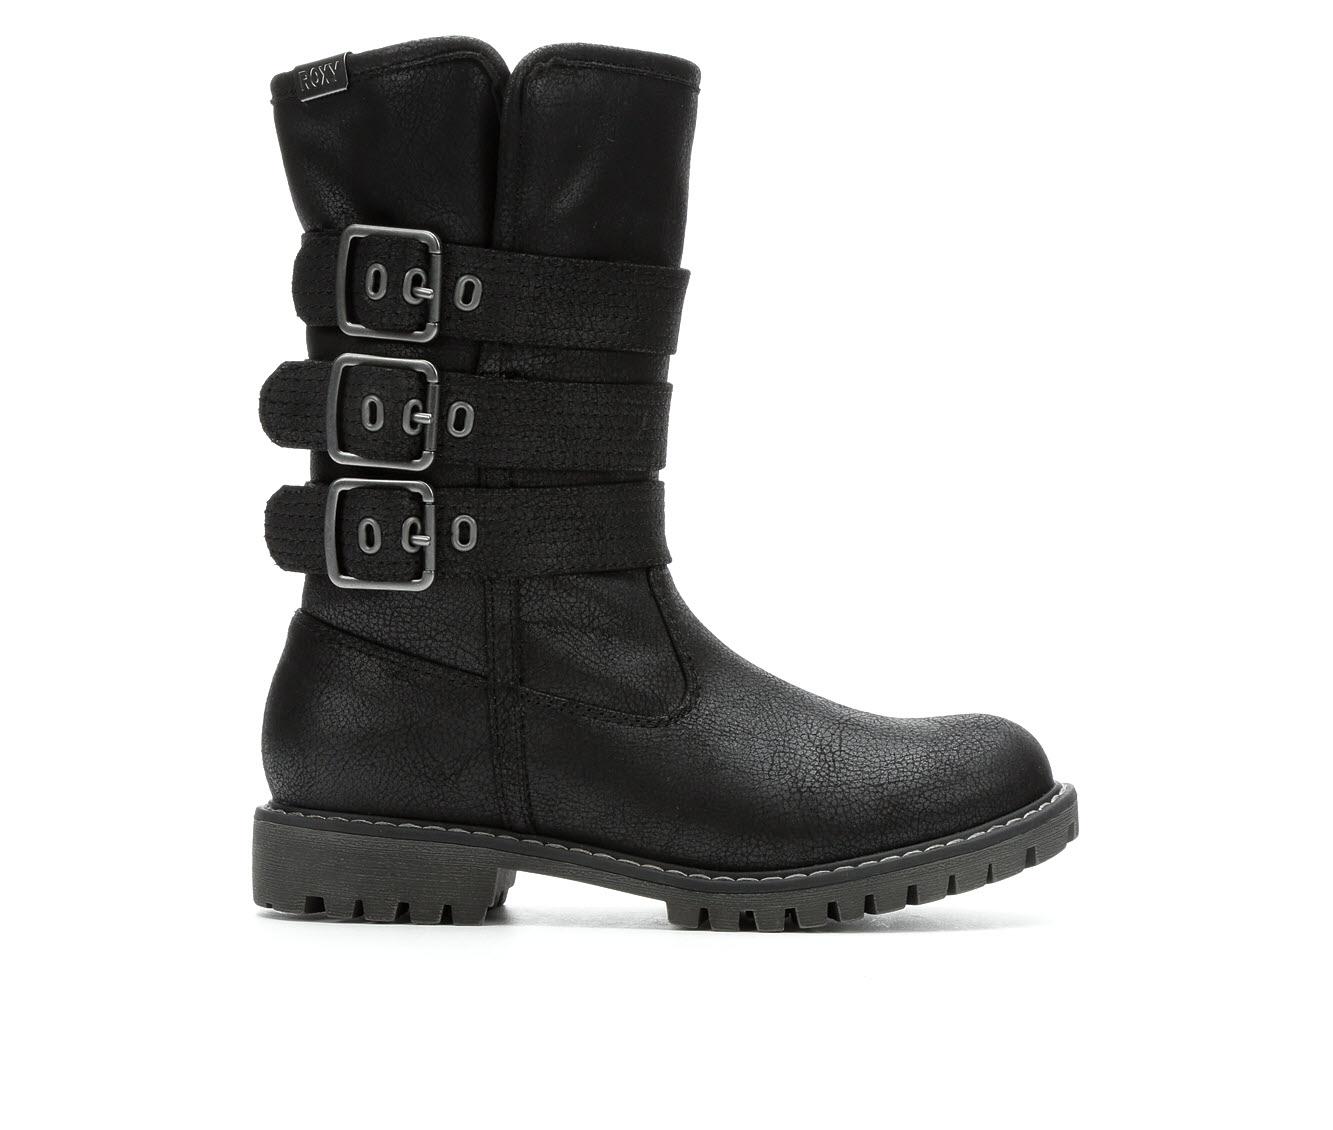 Roxy Bennett II Women's Boot (Black Faux Leather)